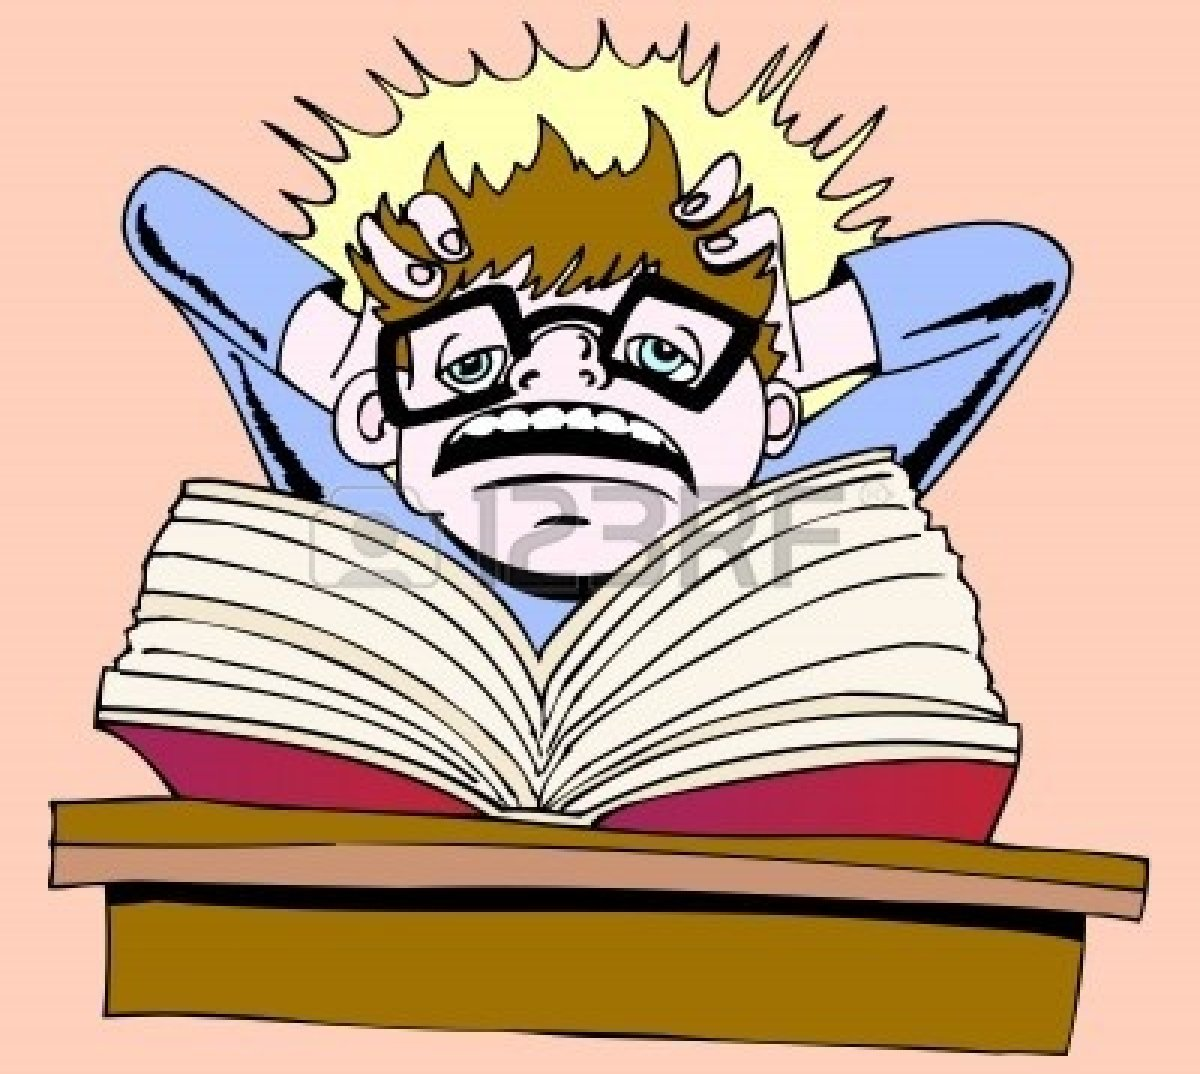 5326158-homework-frustration